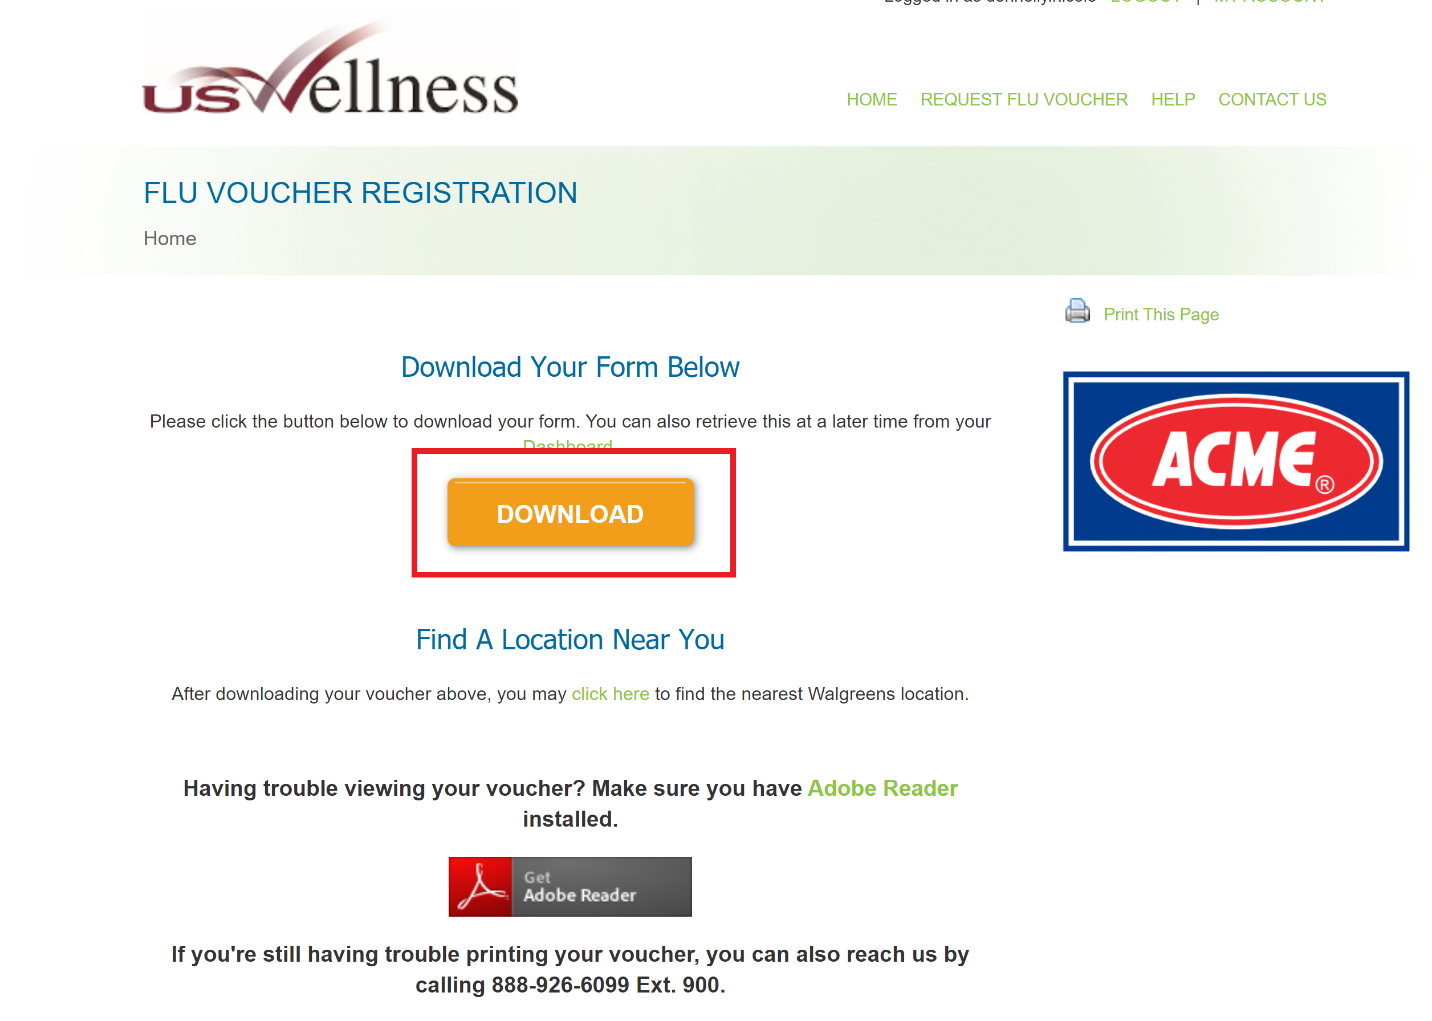 Flu Voucher Program: Step 5